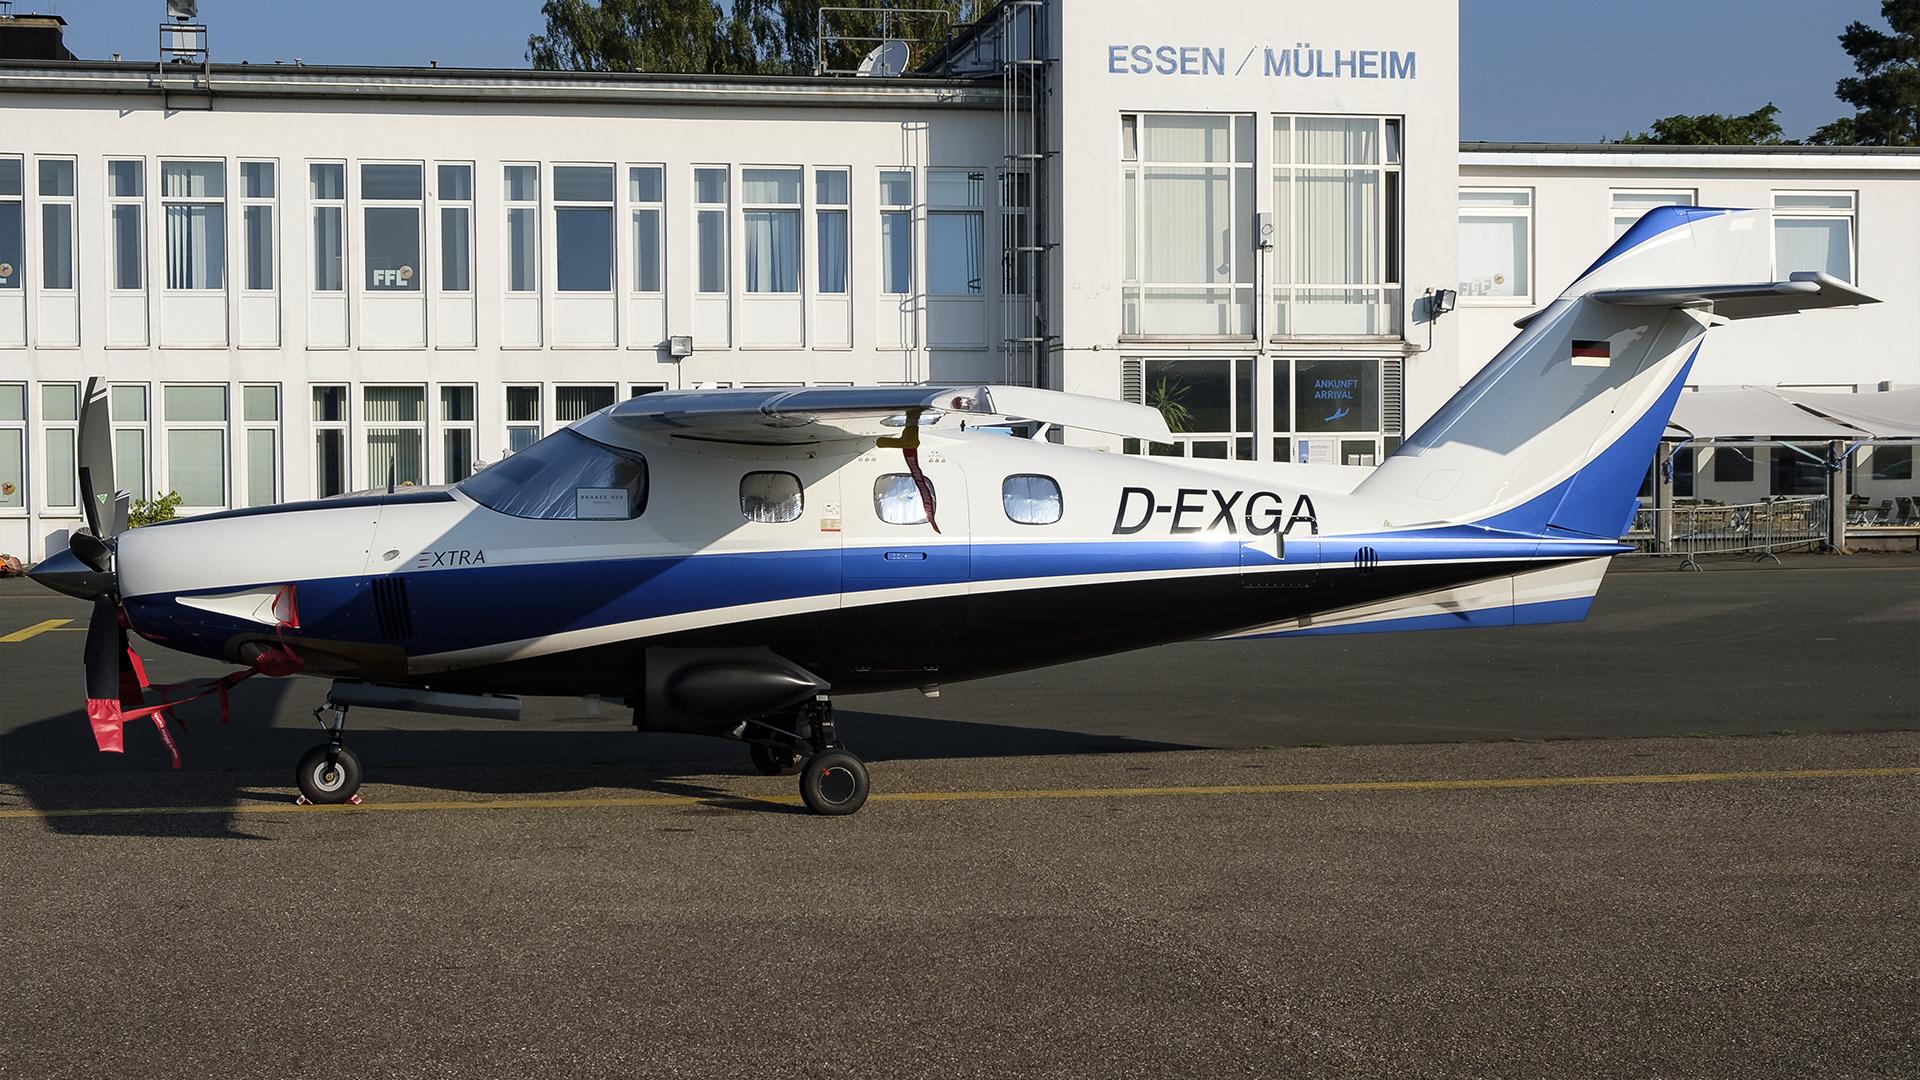 D-EXGA-1 EXTRA500 ESS 201808